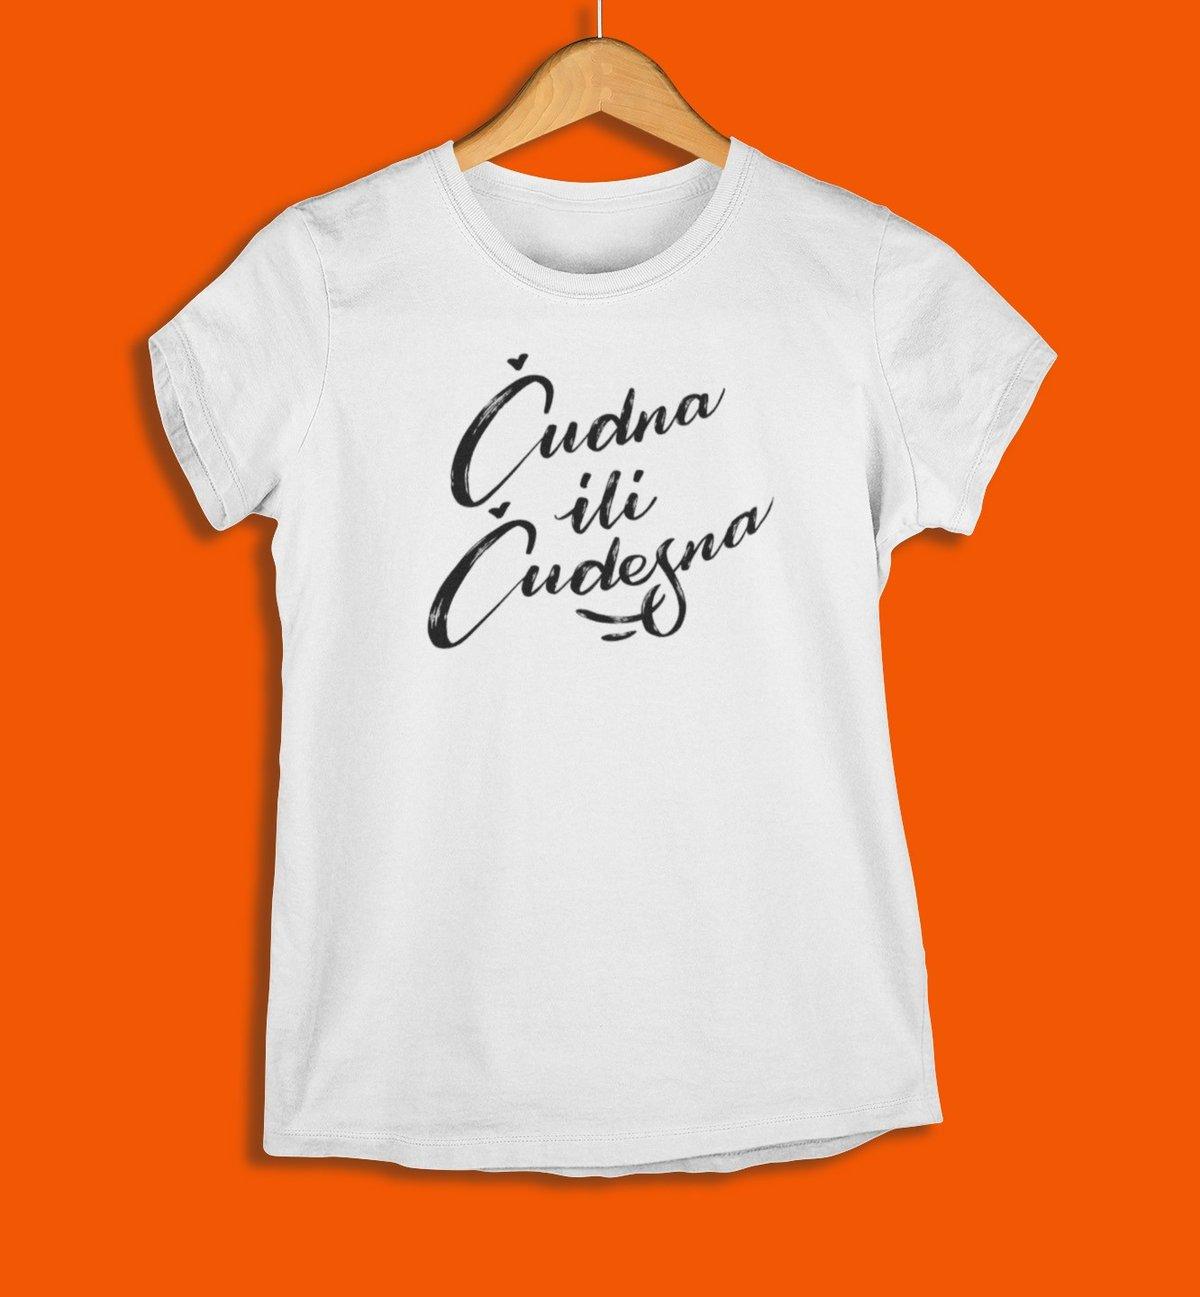 Image of Čudna ili čudesna t-shirt